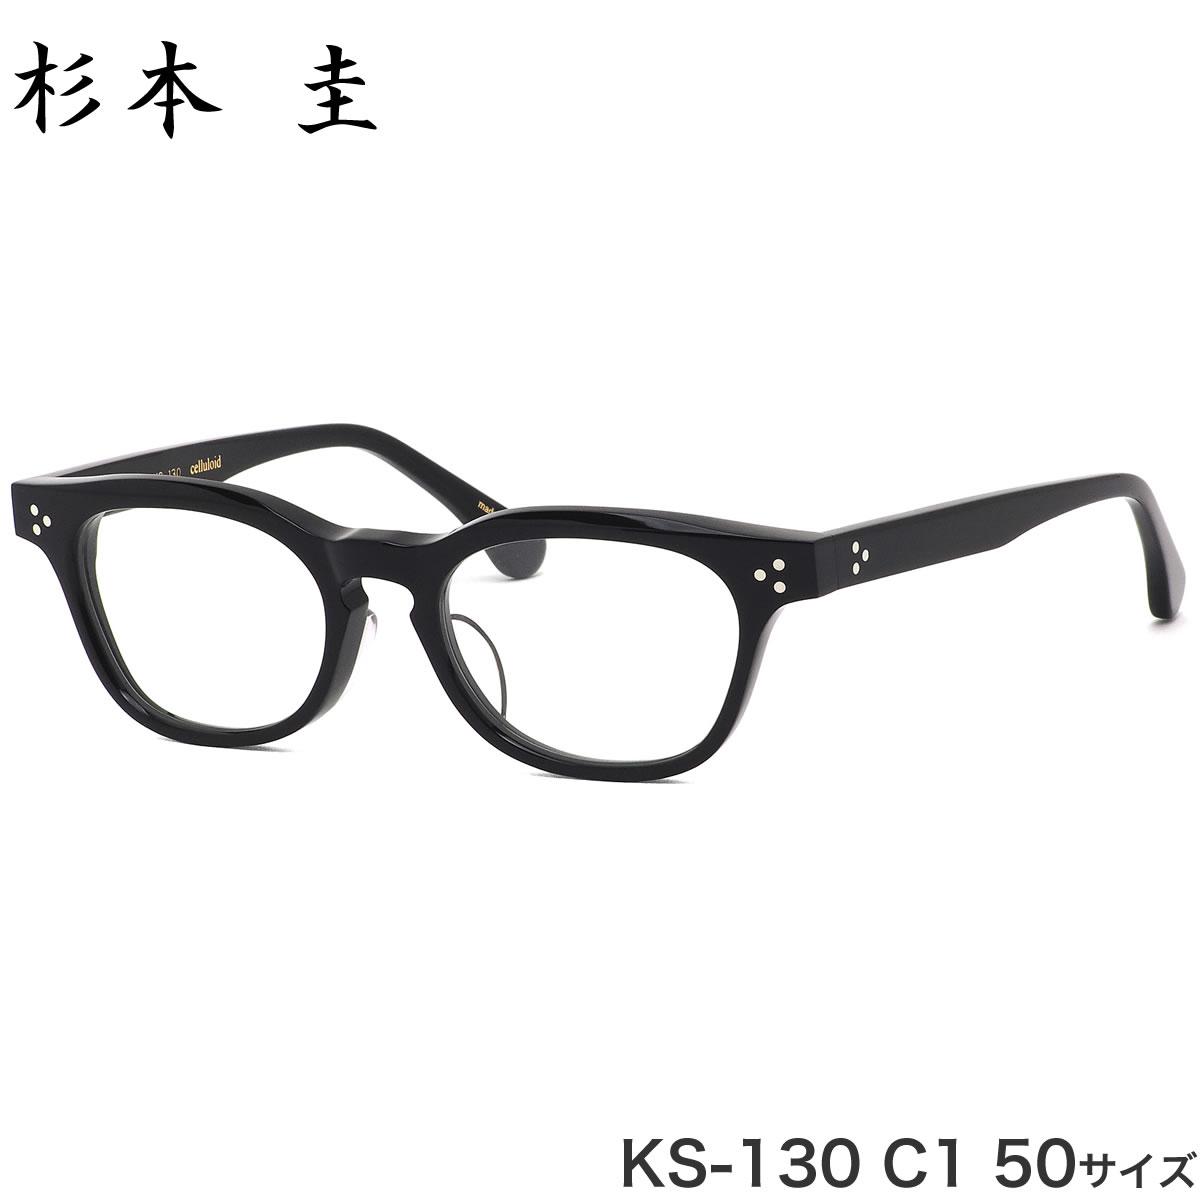 杉本圭 スギモトケイ メガネ KS-130 C1 50サイズ セルフレーム 黒縁 くろぶち 日本製 MADE IN JAPAN ケイスギモト メンズ レディース